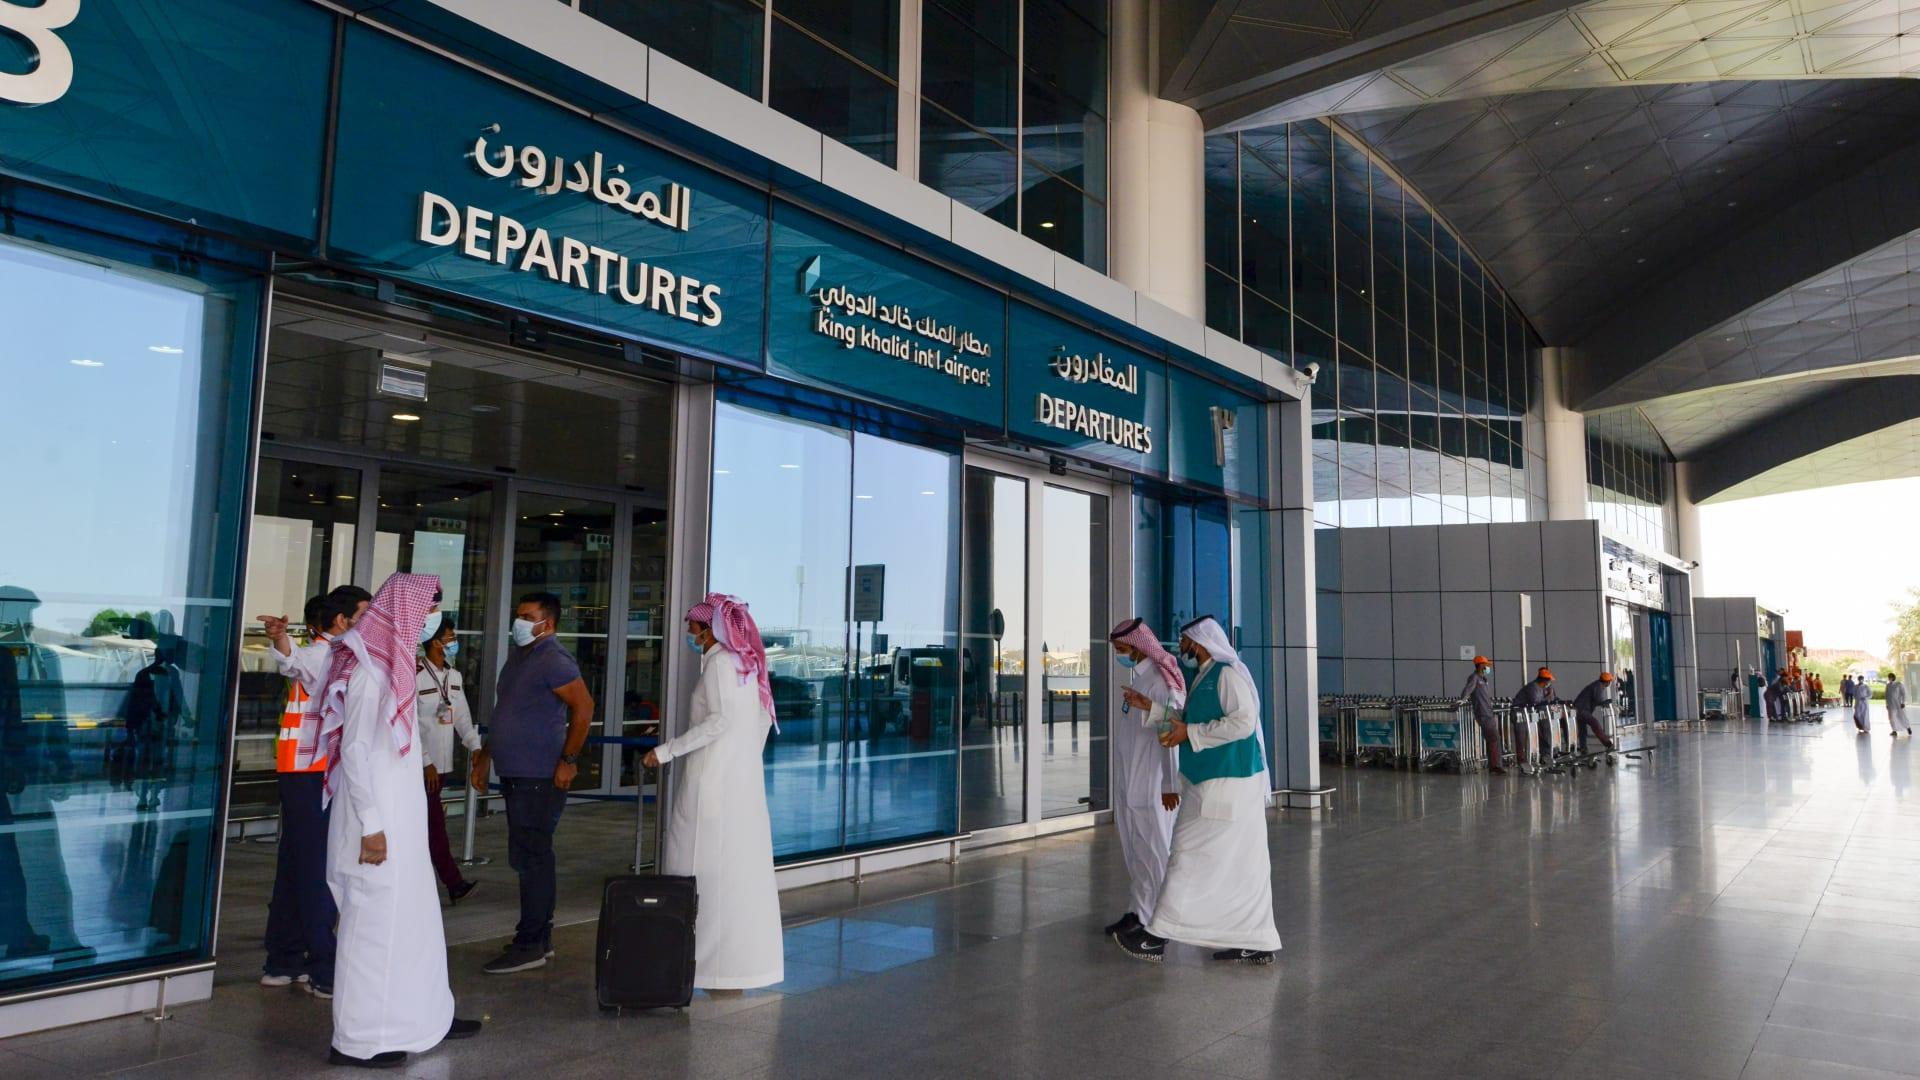 السعودية تمدد إقامات وتأشيرات المقيمين الموجودين في الدول الممنوع السفر معها